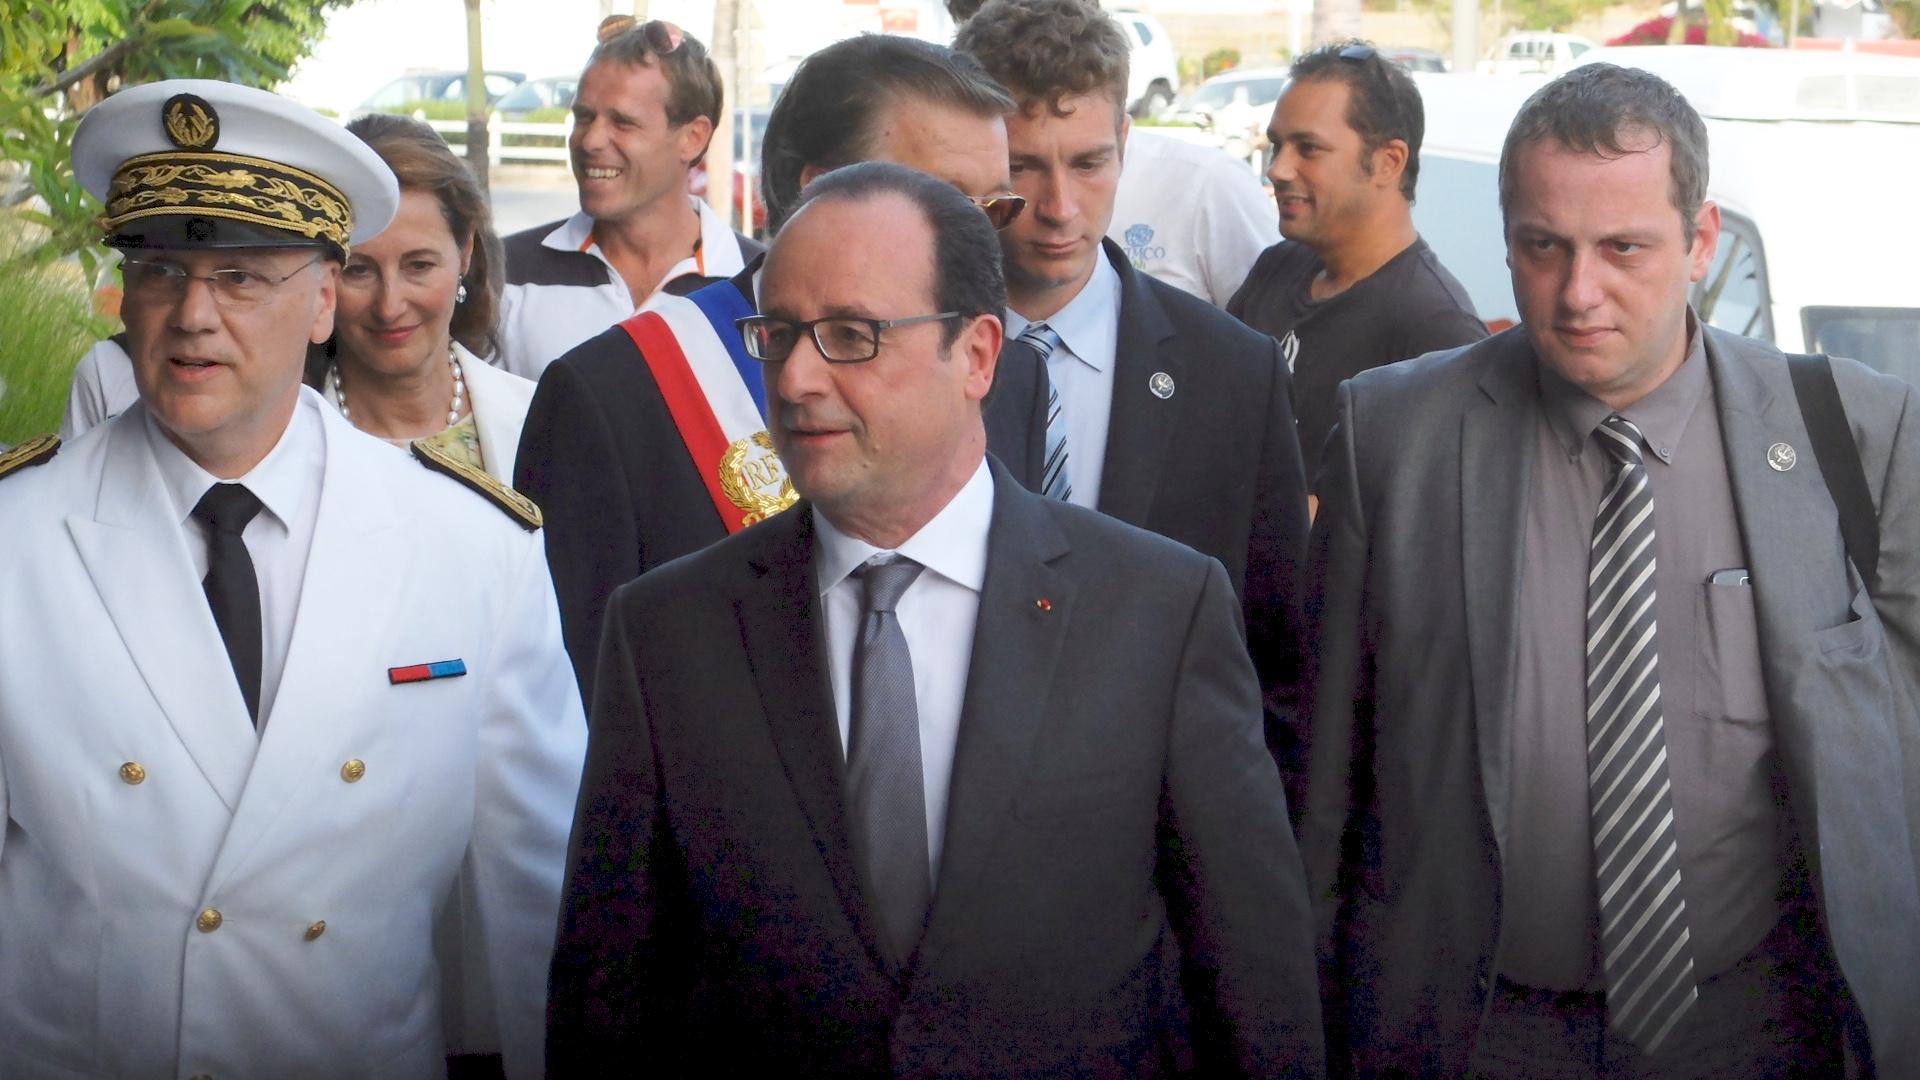 visite de François Hollande à St Barth